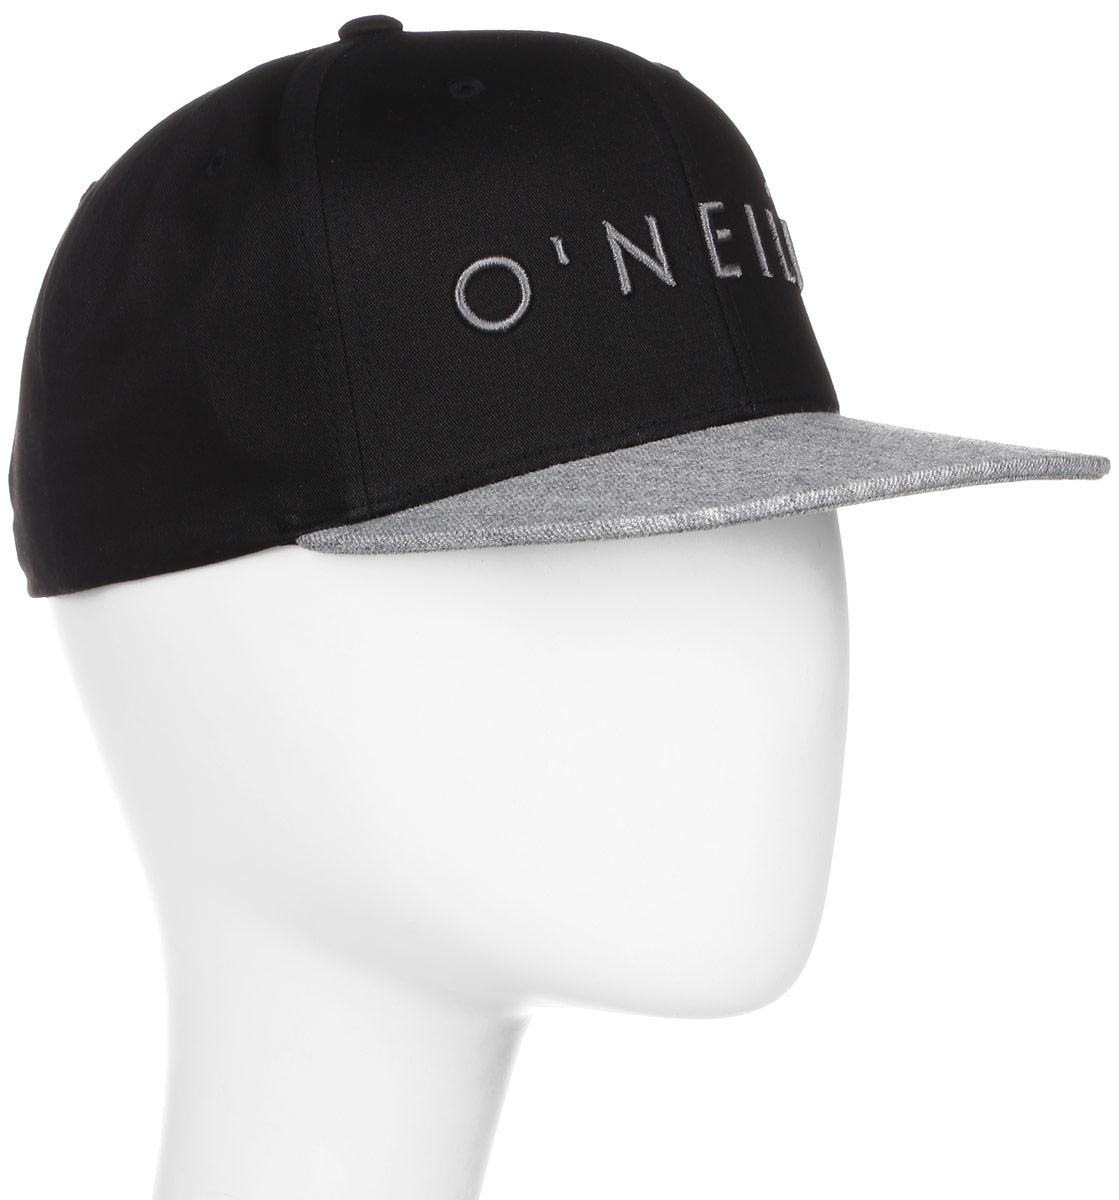 Бейсболка мужская ONeill Bm Yambo Cap, цвет: черный, серый. 7A4112-9010. Размер универсальный7A4112-9010Бейсболка ONeill станет незаменимым аксессуаром в летний сезон. Модель защитит голову от перегрева, а глаза от яркого света. Бейсболка имеет 6-панельный дизайн и плоский козырек. Верх выполнен из хлопка с добавлением полиэстера, а козырек отделан контрастной тканью из акрила с добавлением шерсти, что смотрится очень эффектно и стильно. Модель спереди дополнена вышивкой с названием бренда. Обхват головы регулируется с помощью пластикового ремешка сзади.